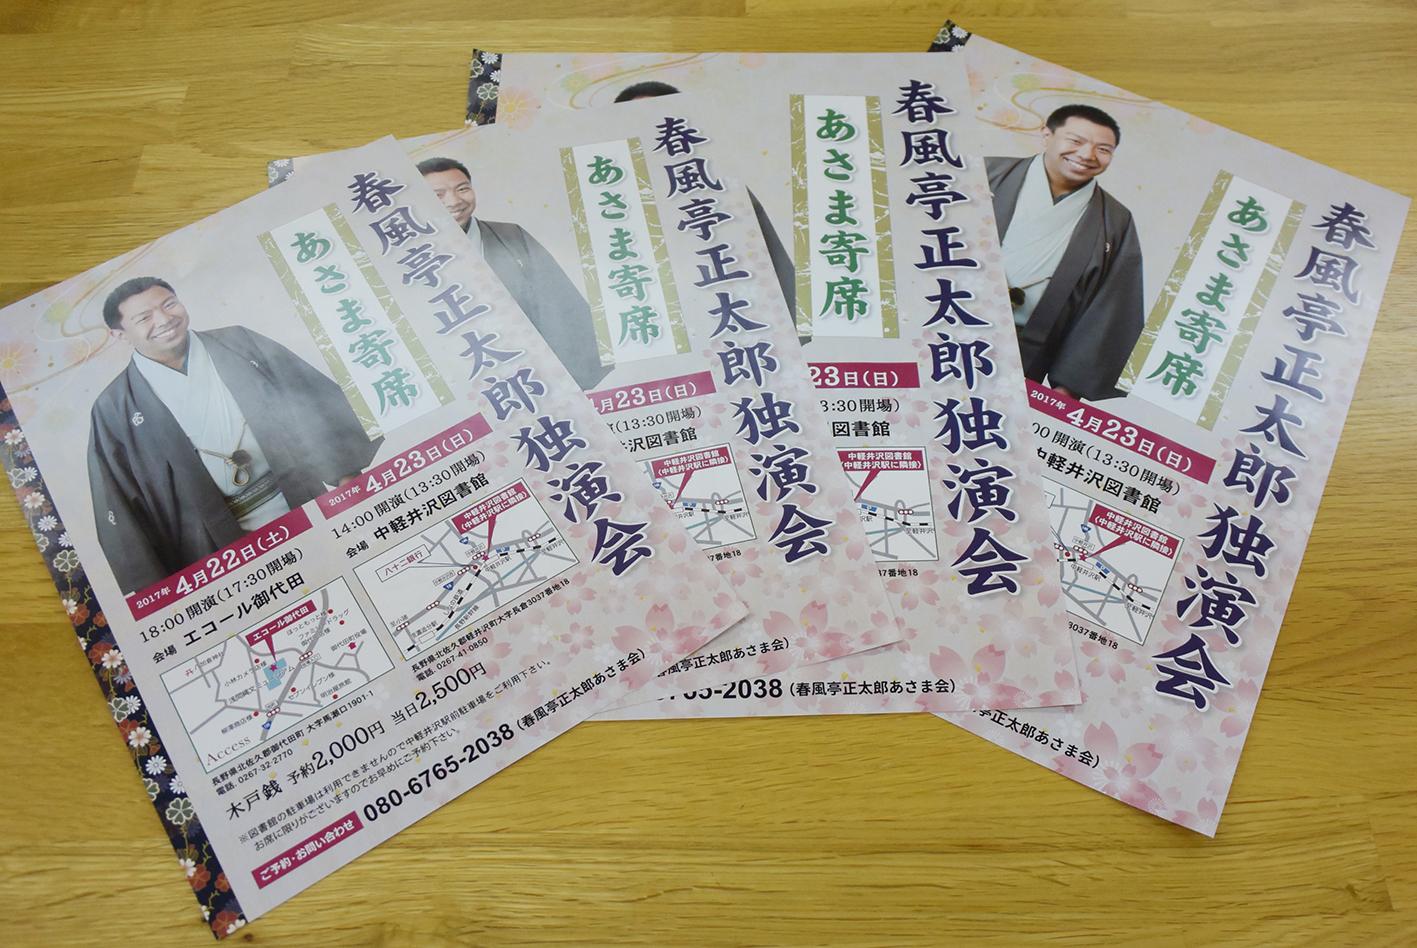 春風亭正太郎さん独演会「あさま寄席」のちらし・ポスターできました。